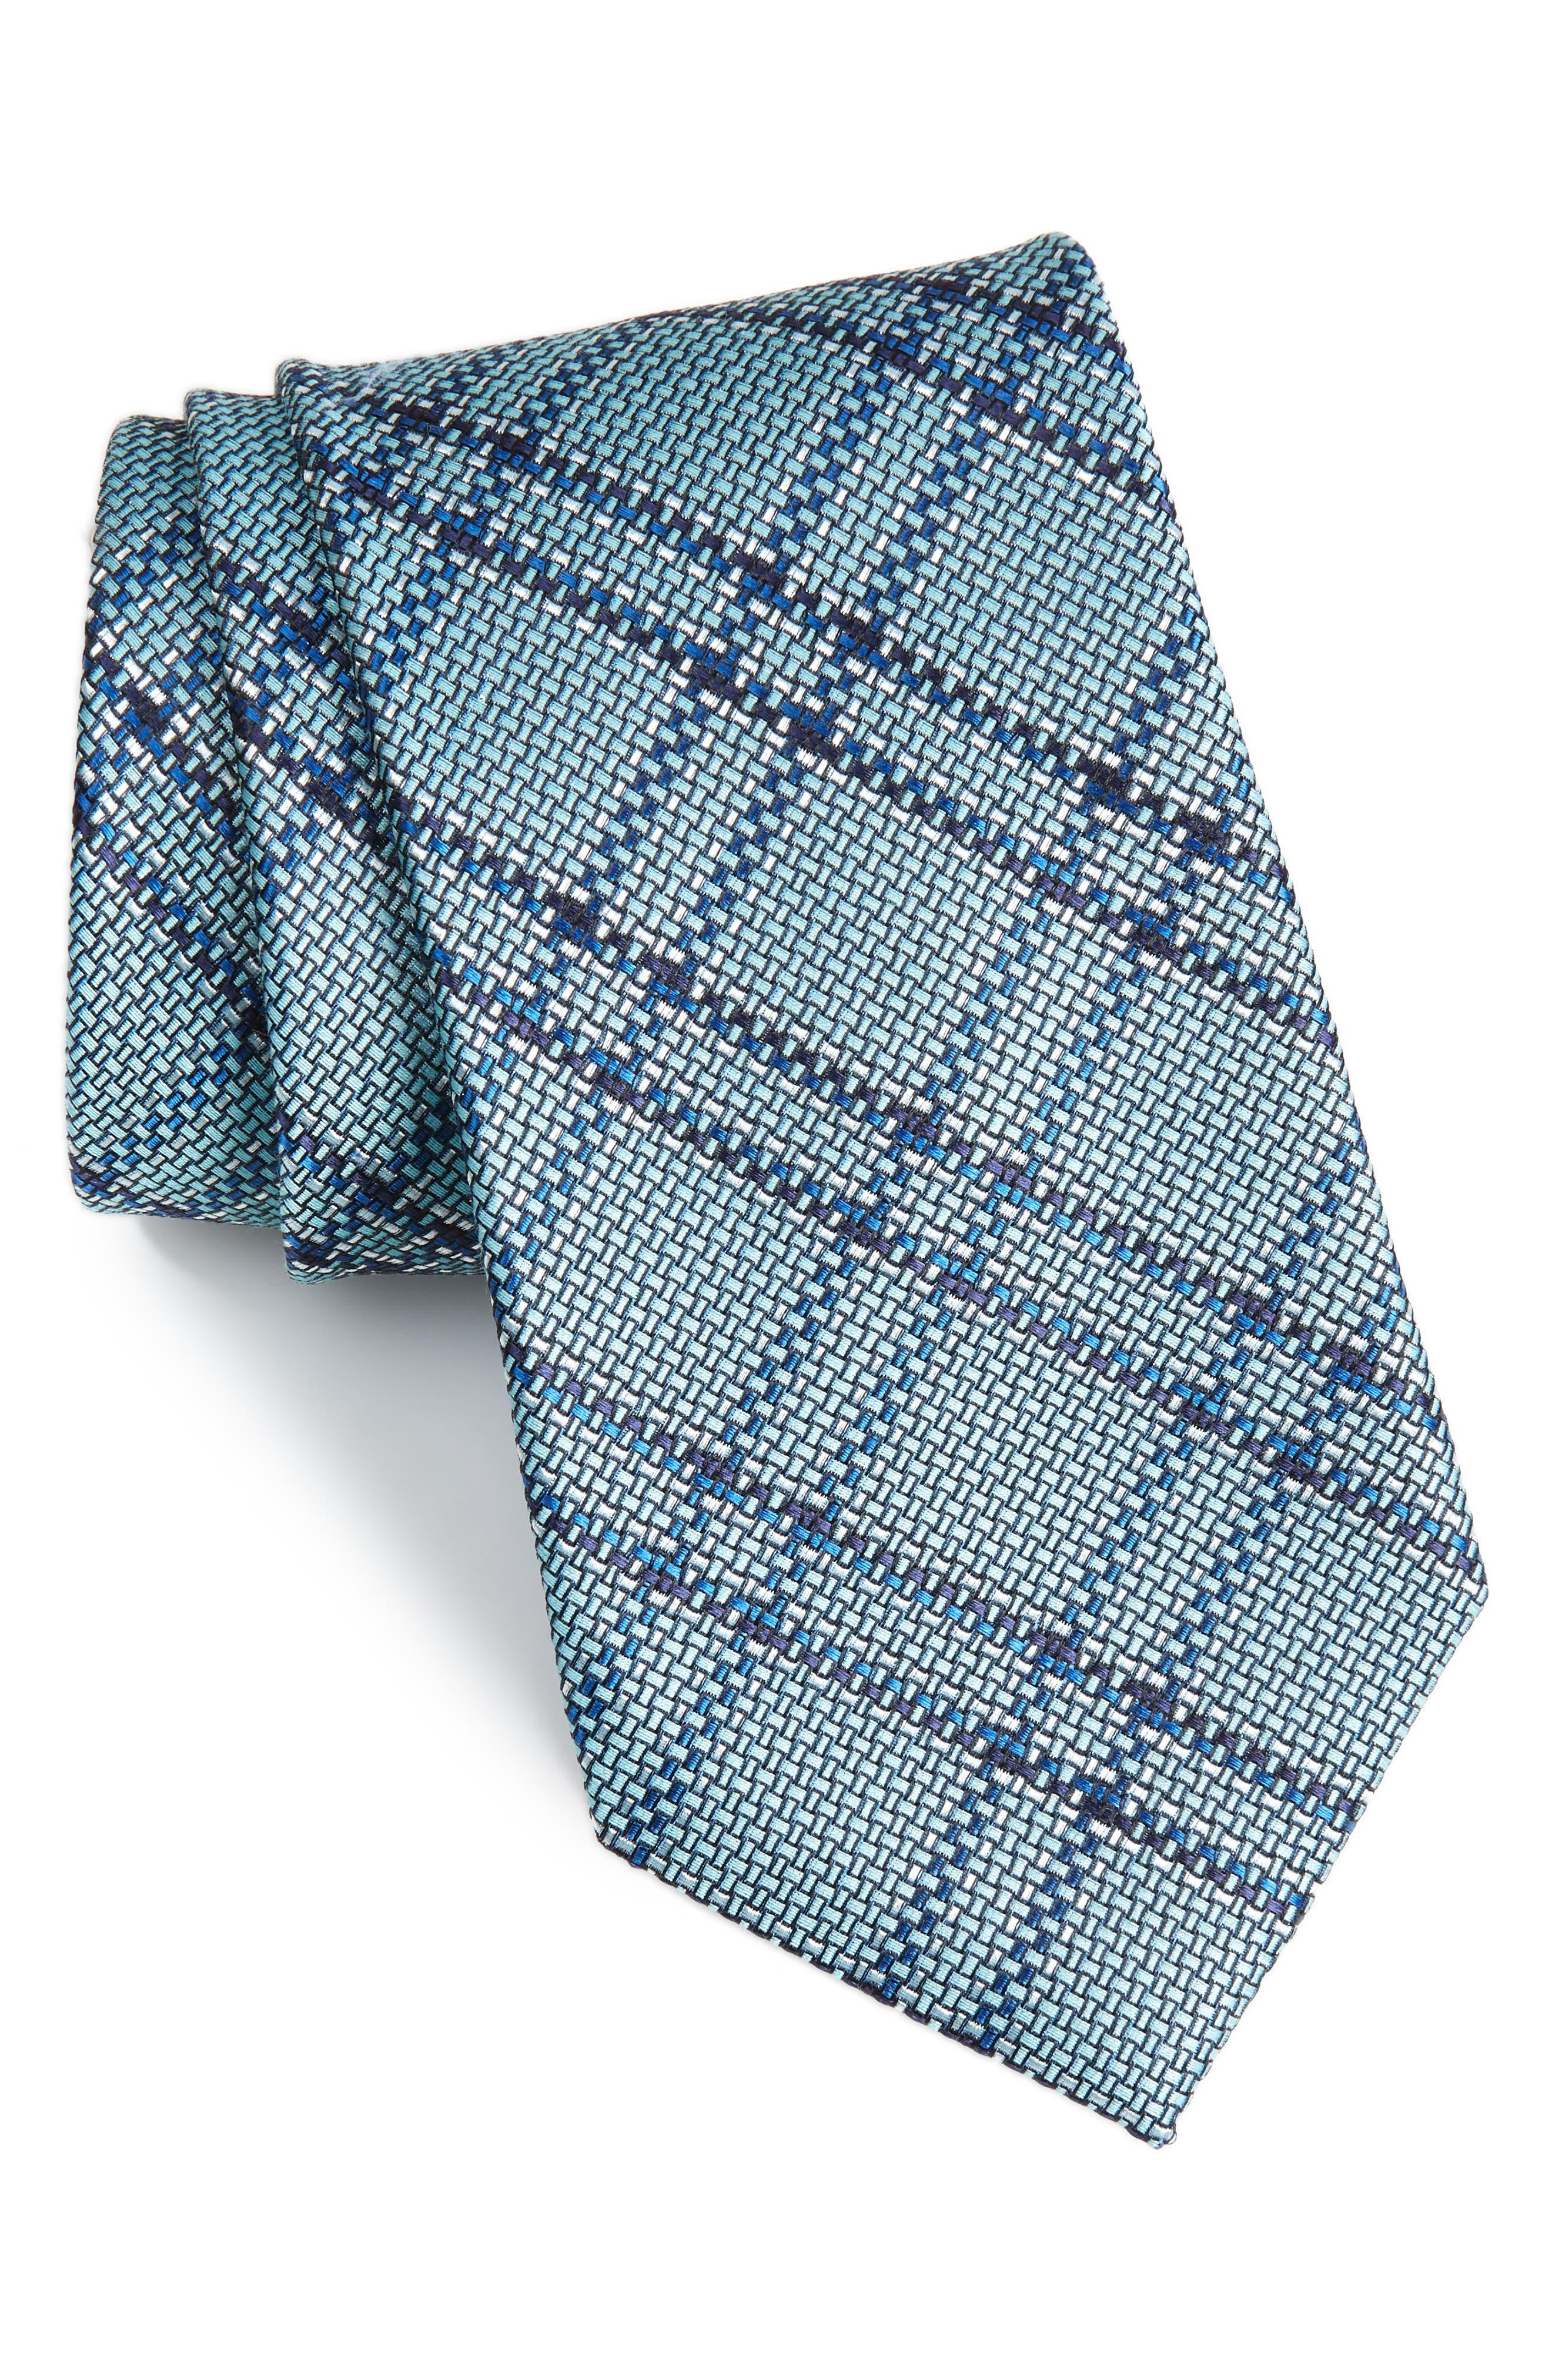 Tasker Plaid Silk & Cotton Tie,                             Main thumbnail 1, color,                             Mint